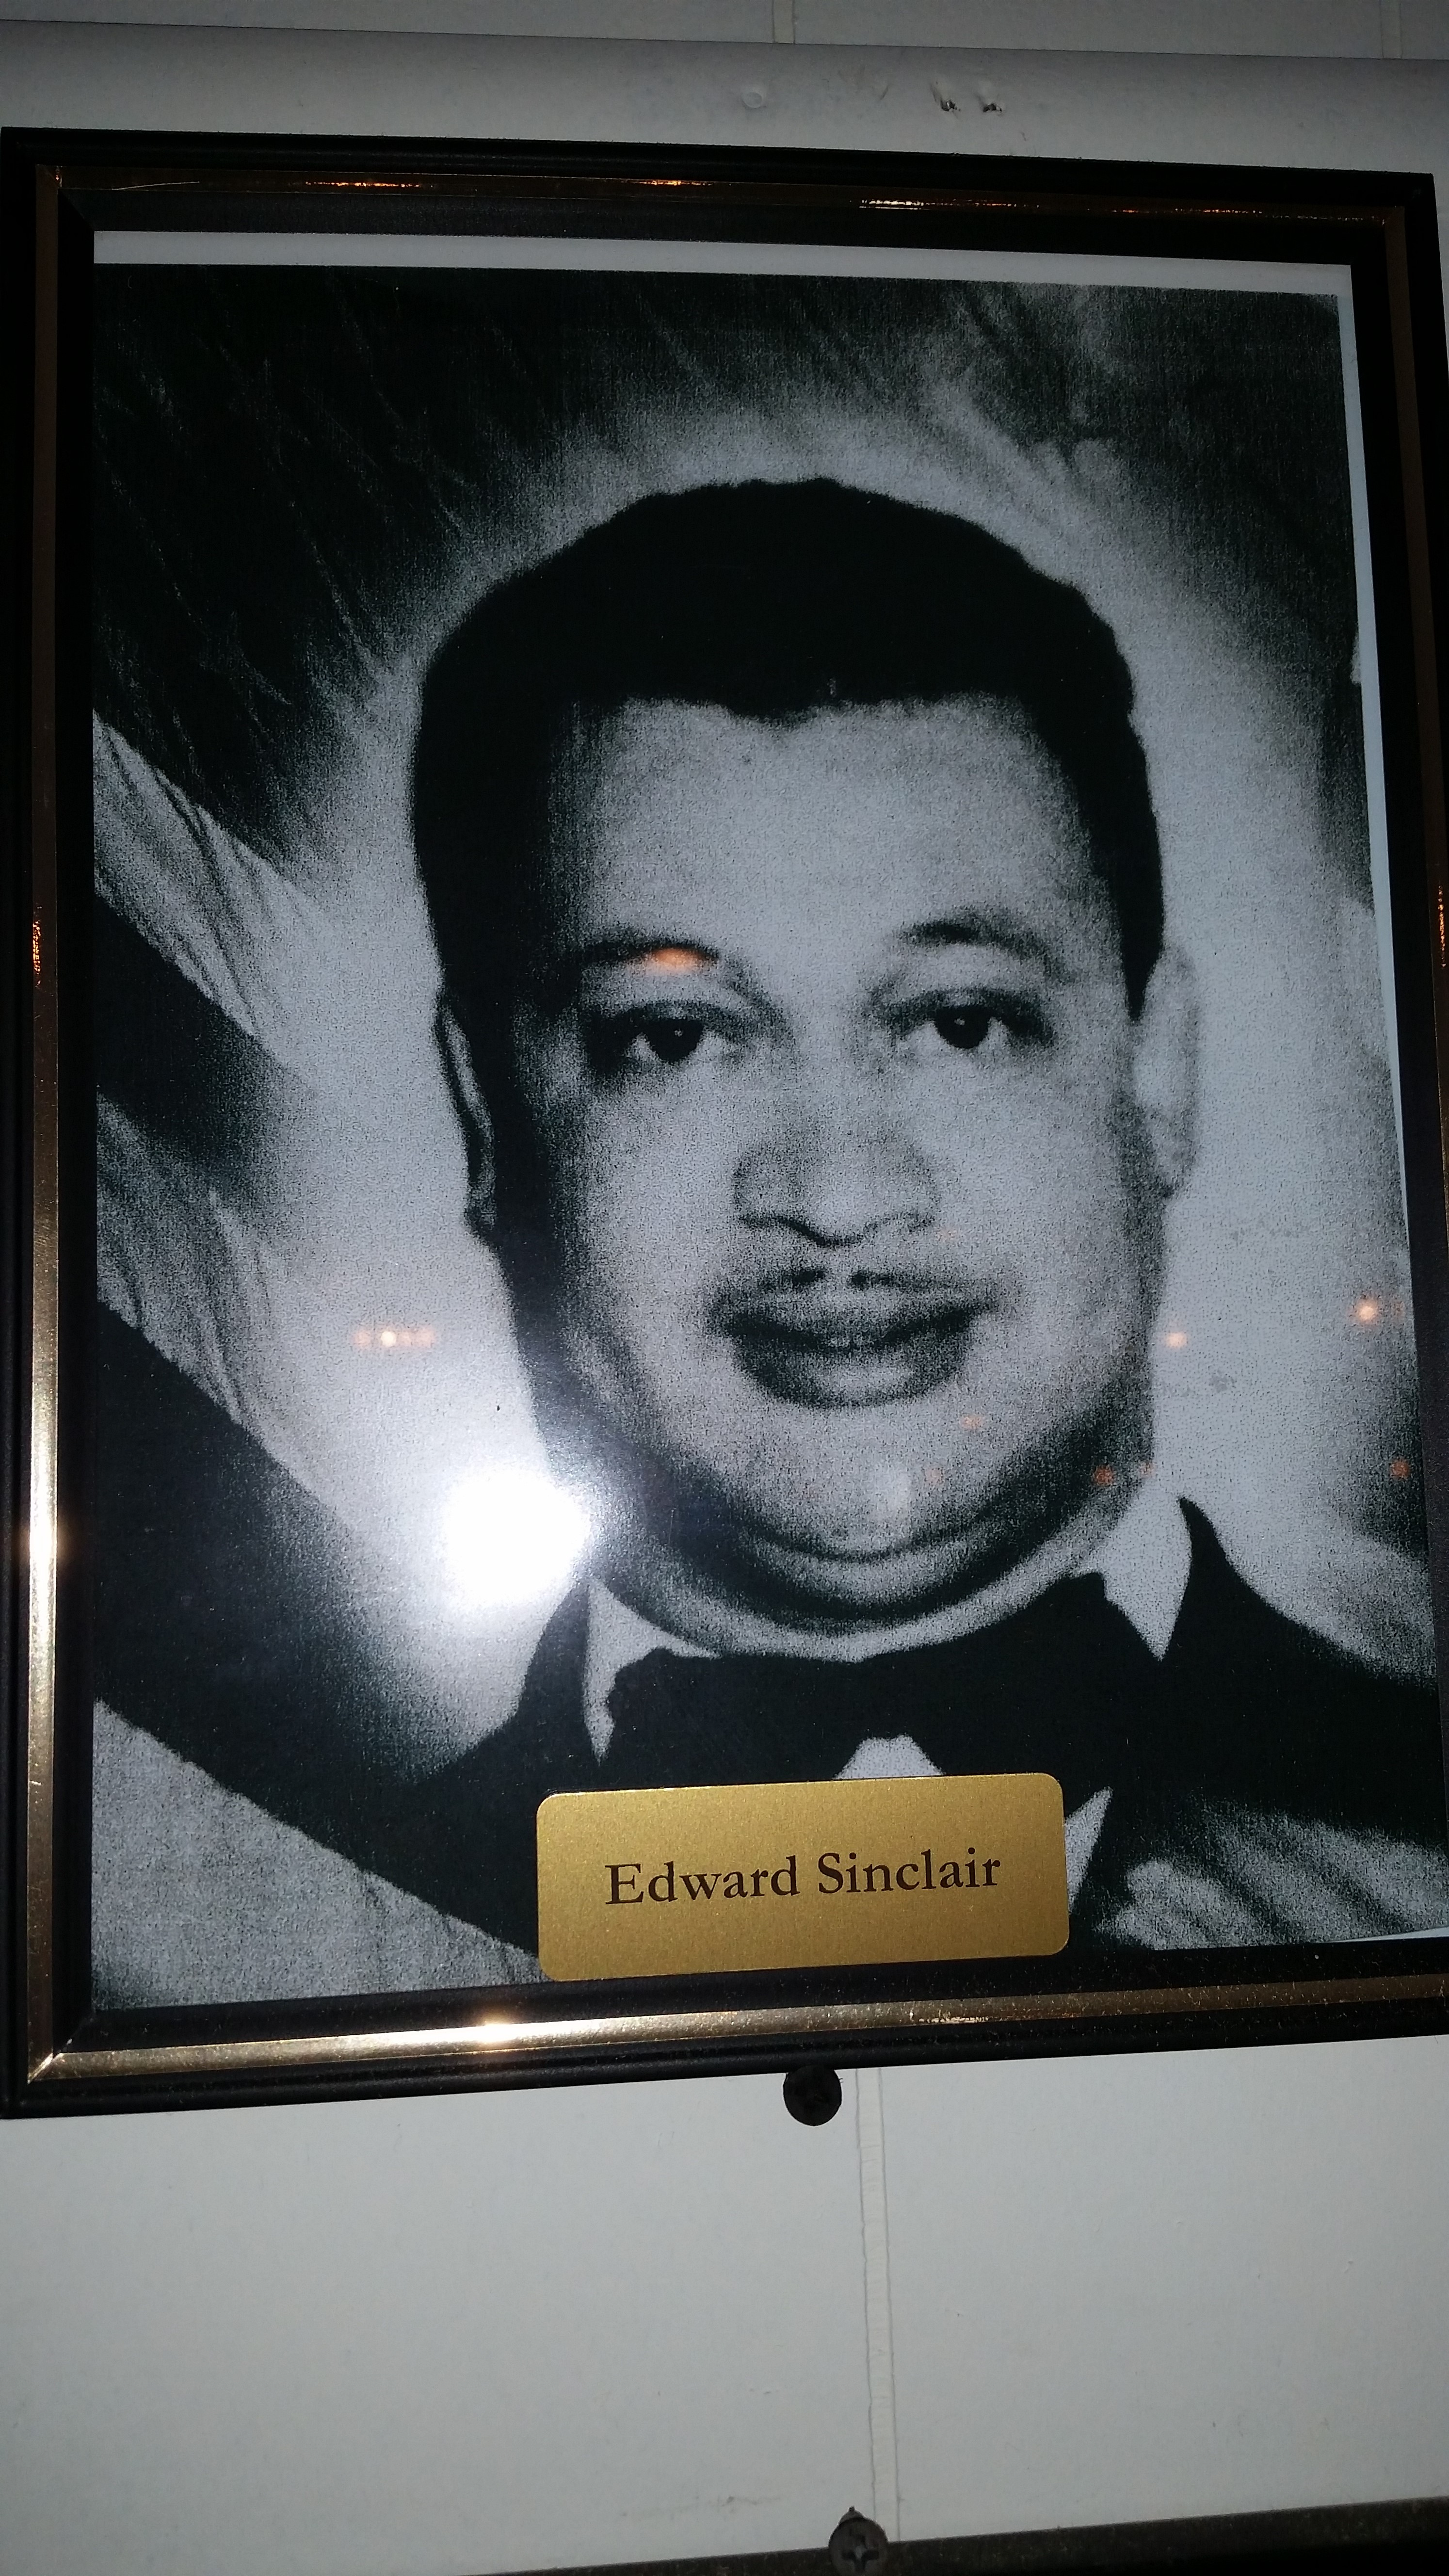 Mr. Edward Sinclair